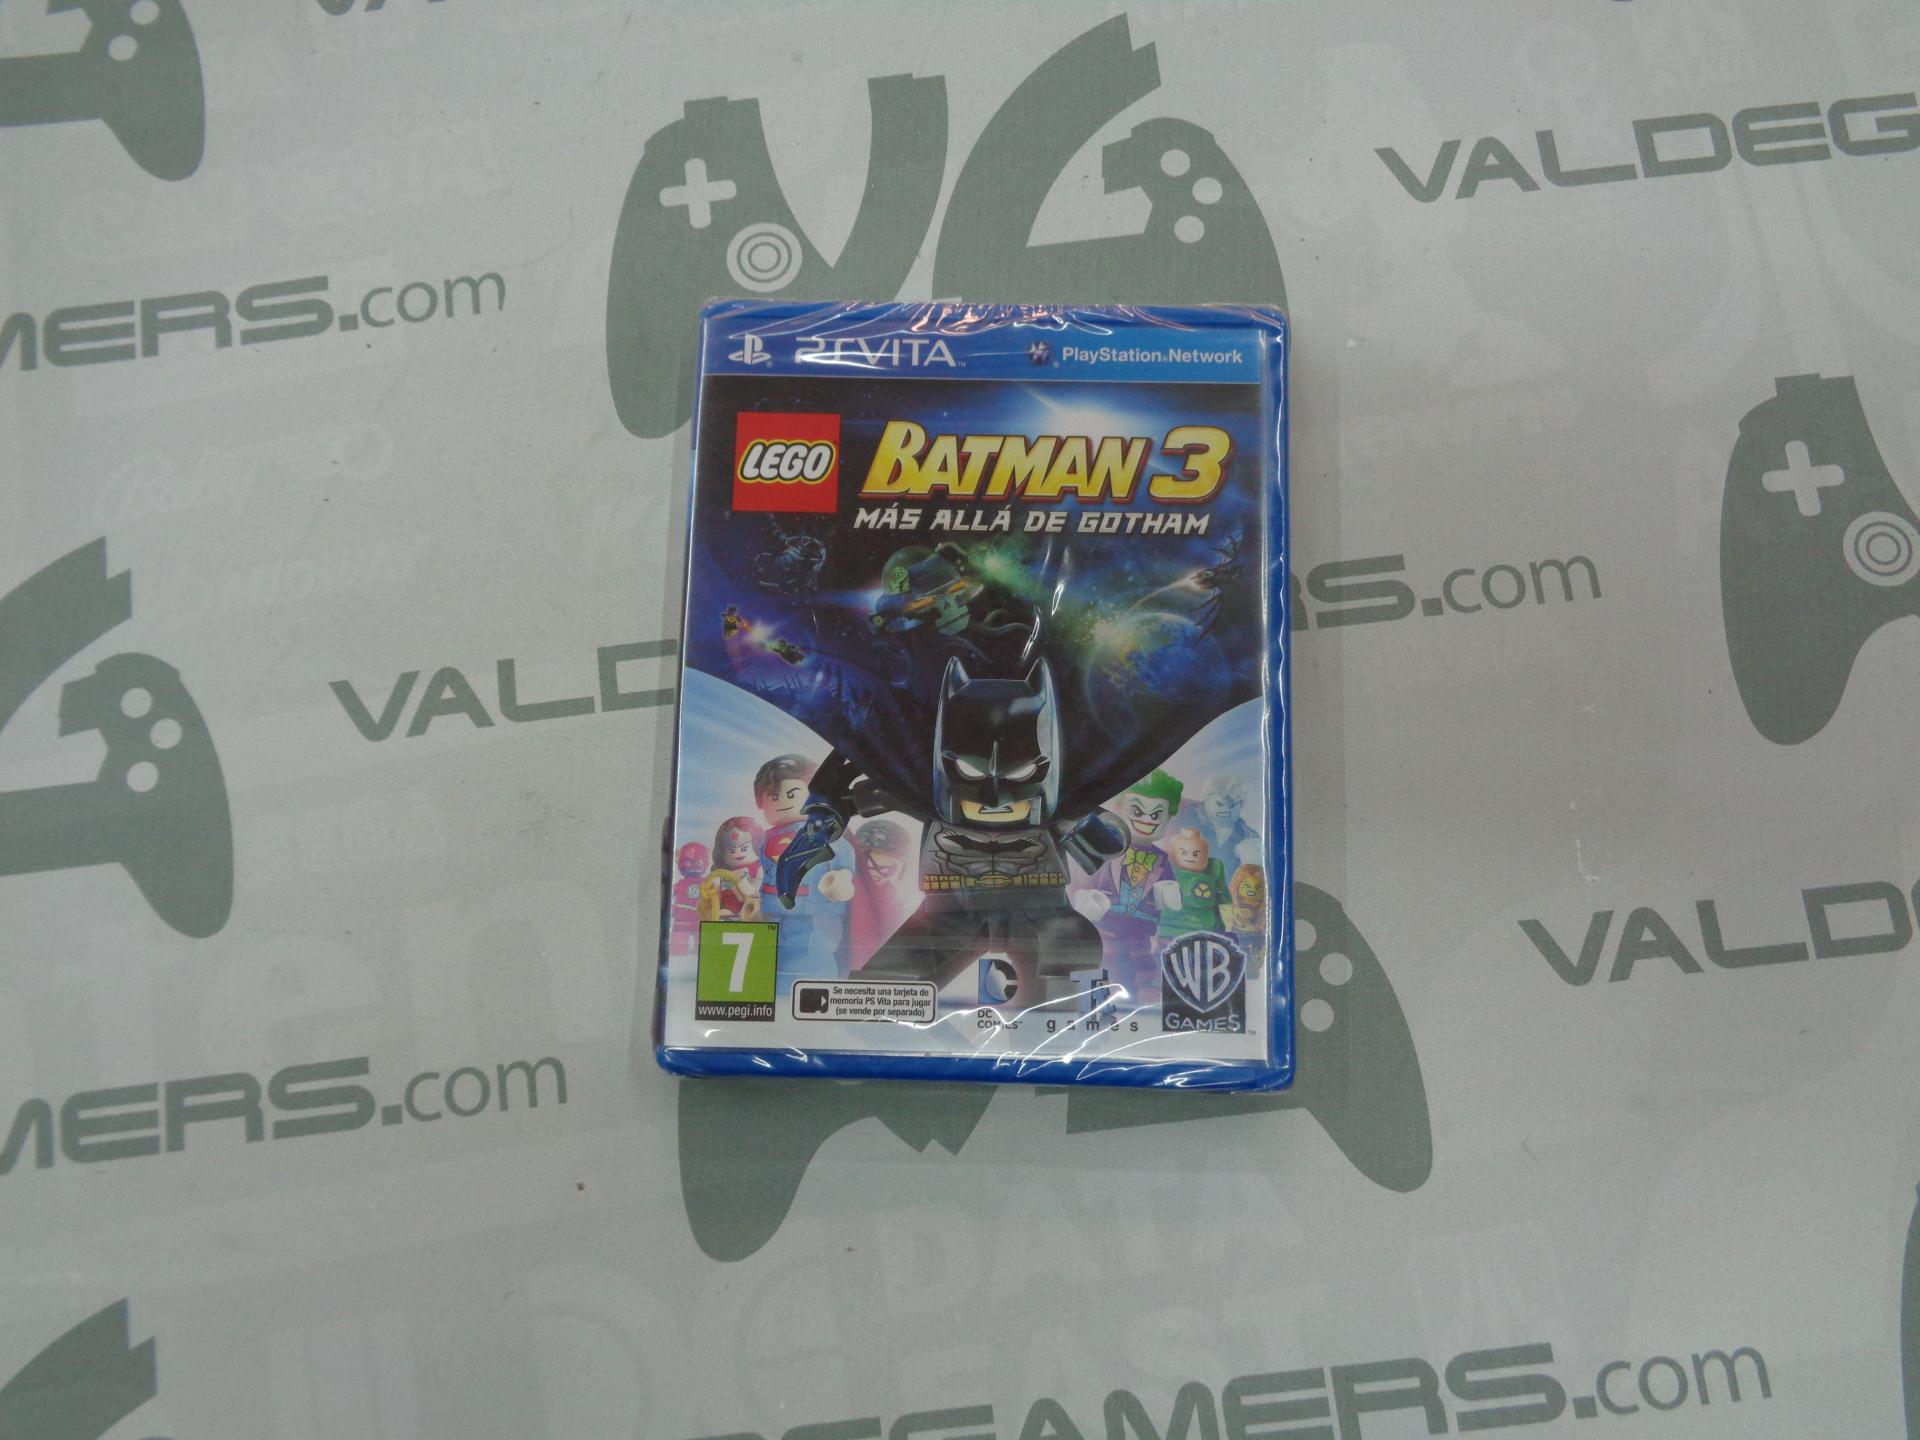 LEGO Batman 3 mas alla de gotham - NUEVO